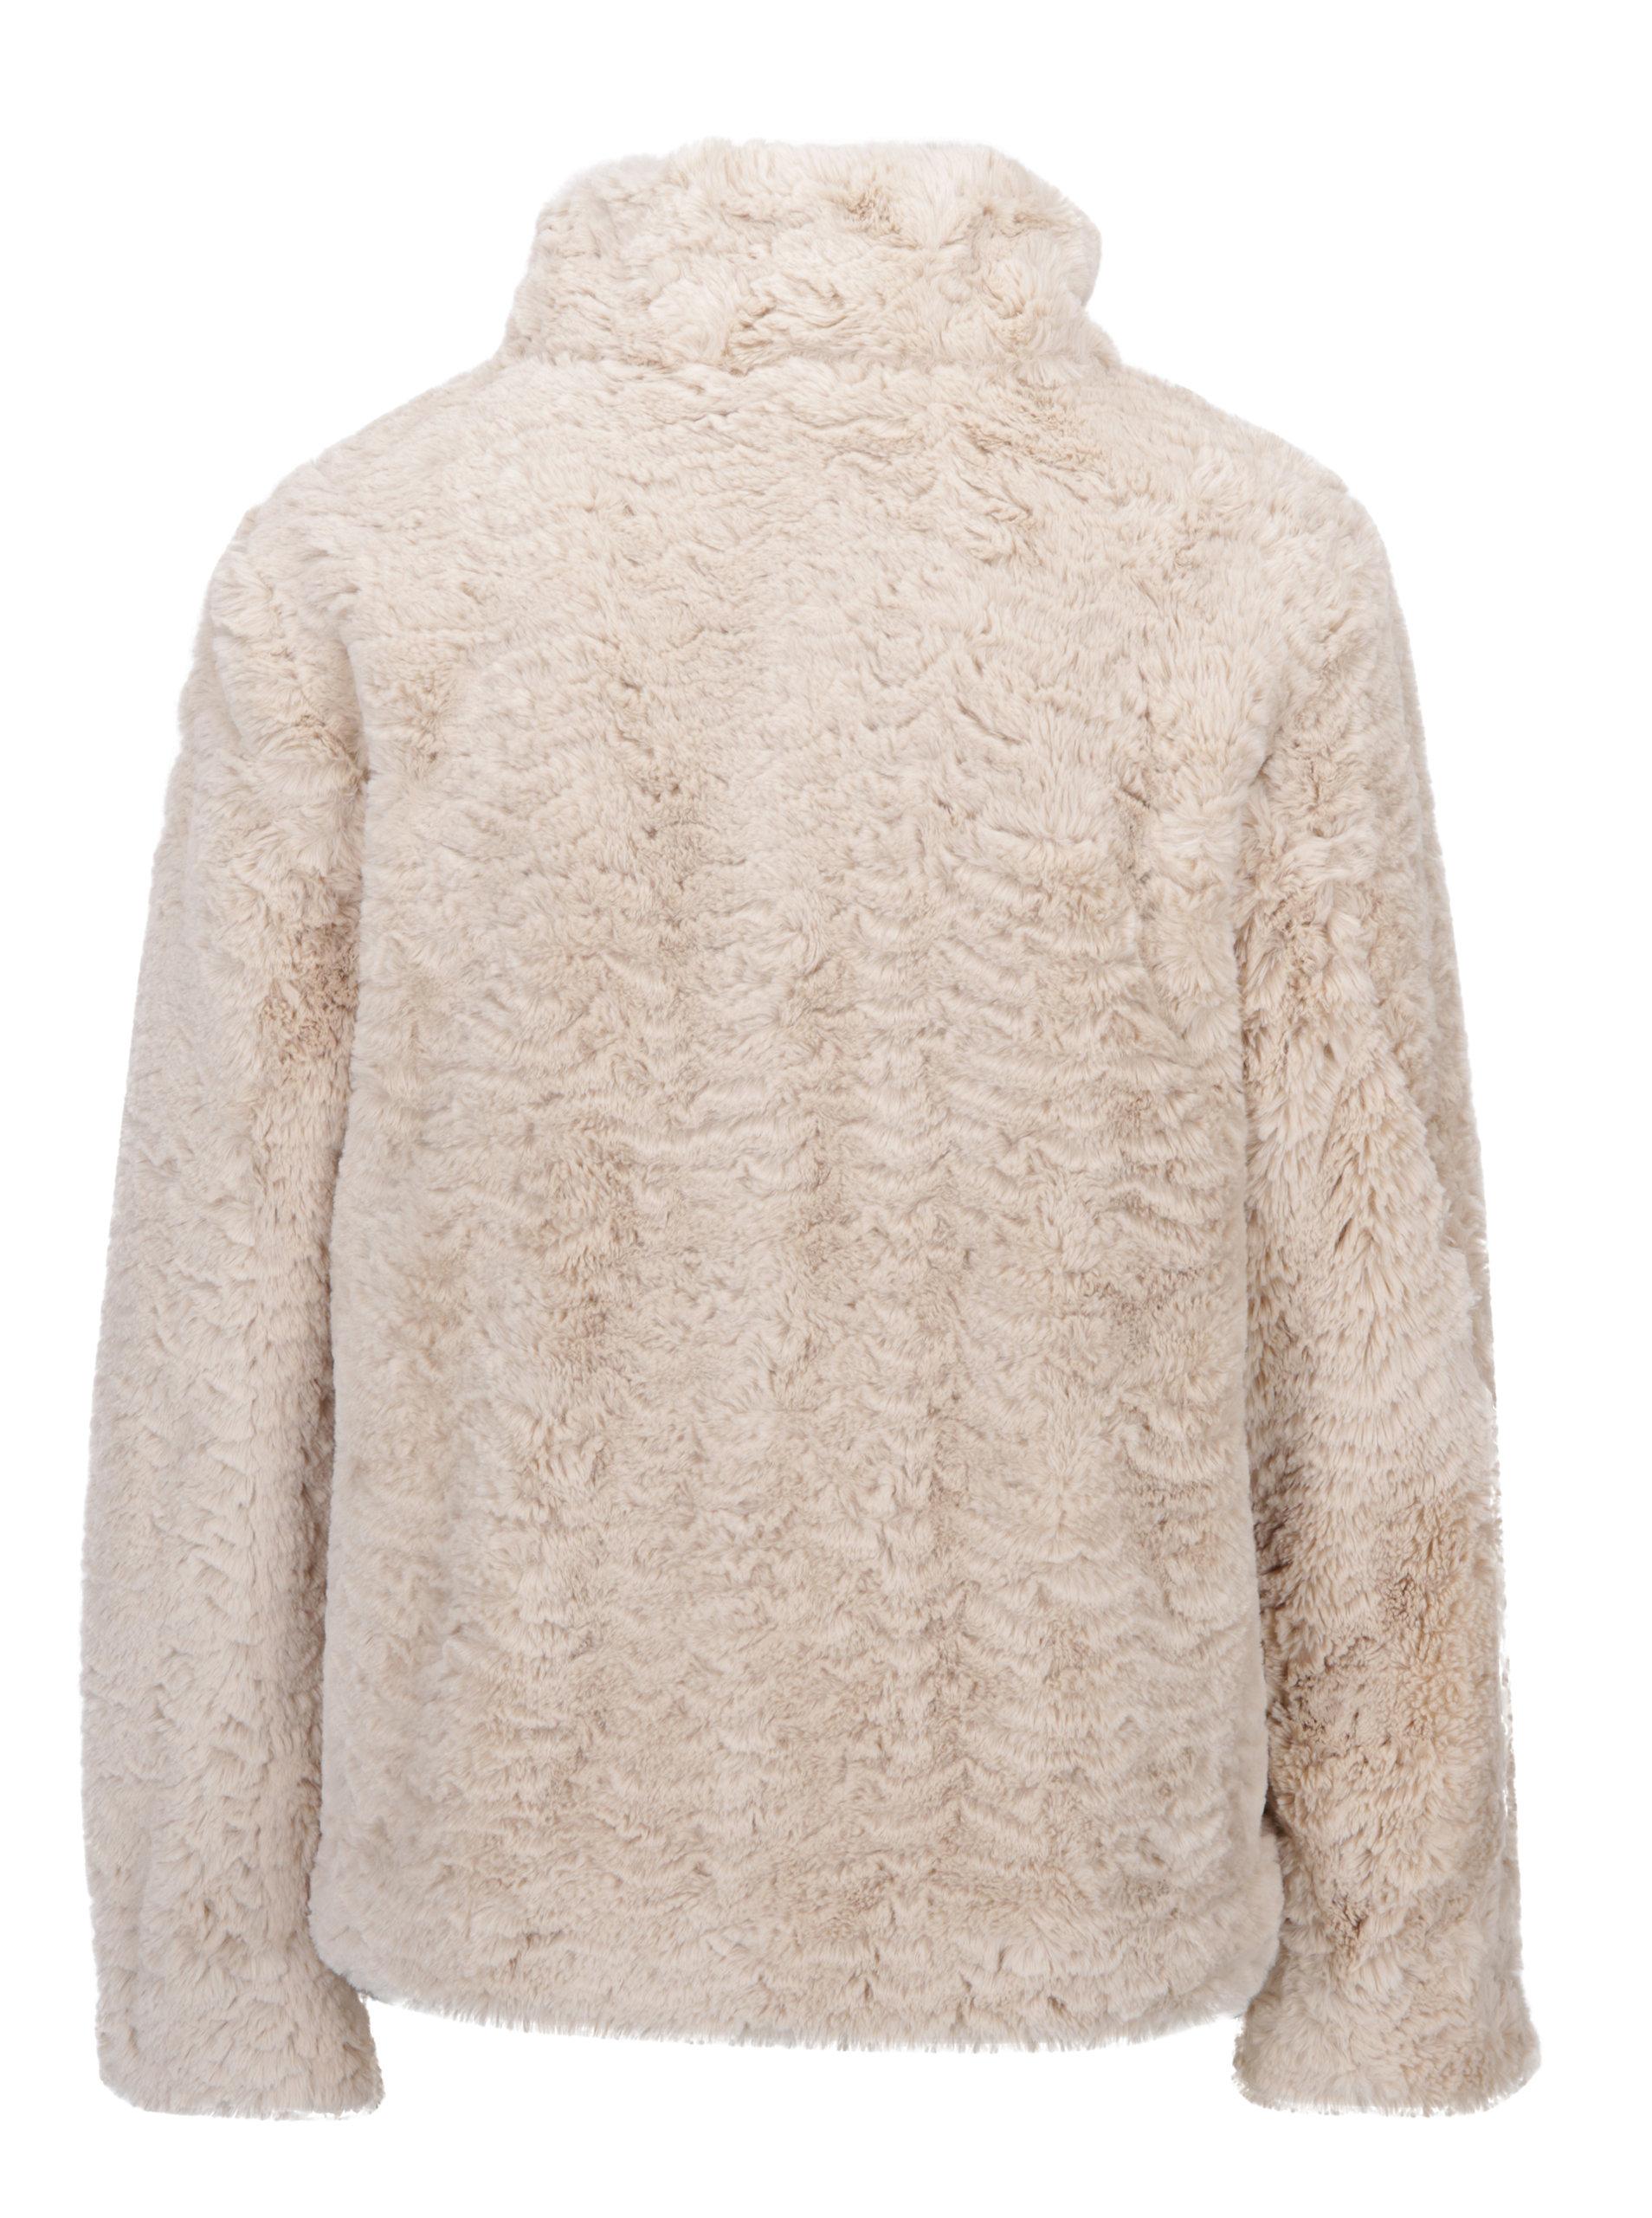 78a55f3e610a Béžová bunda z umelej kožušiny Dorothy Perkins ...